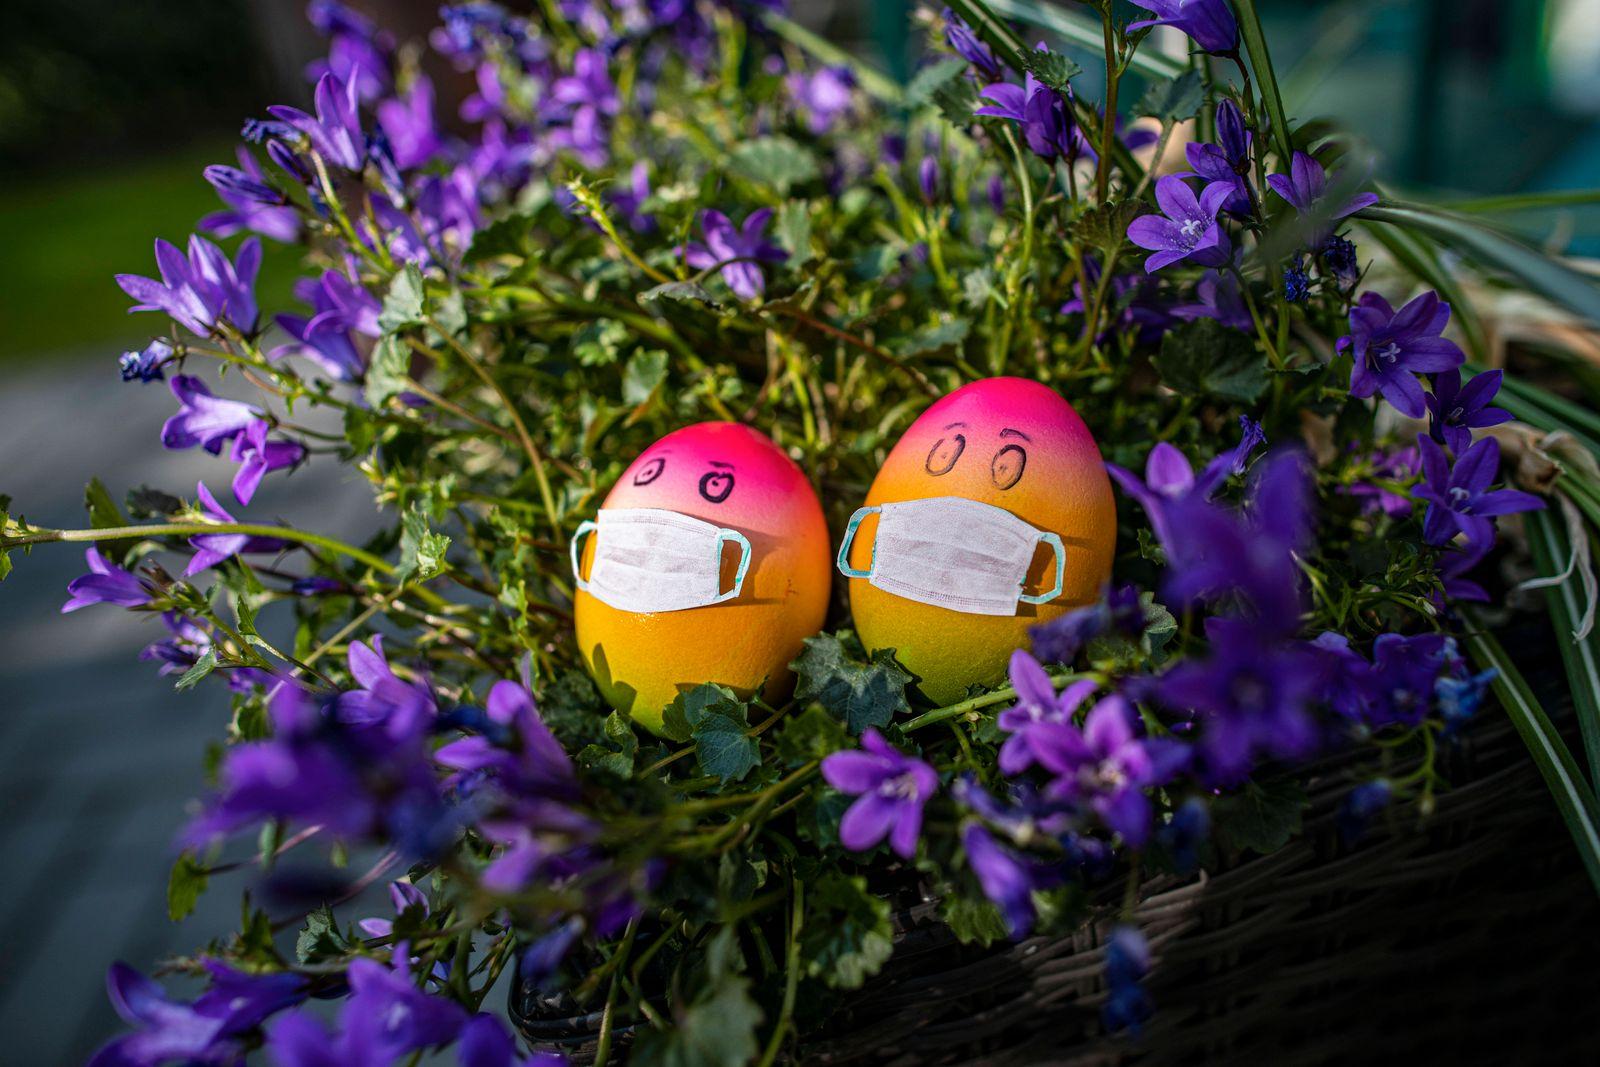 07.04.2020, Ostern Ostertage in Zeiten von Corona , Symbolbild , bunt angemaltes Osterei mit Mundschutz Mund-Nasen-Schut